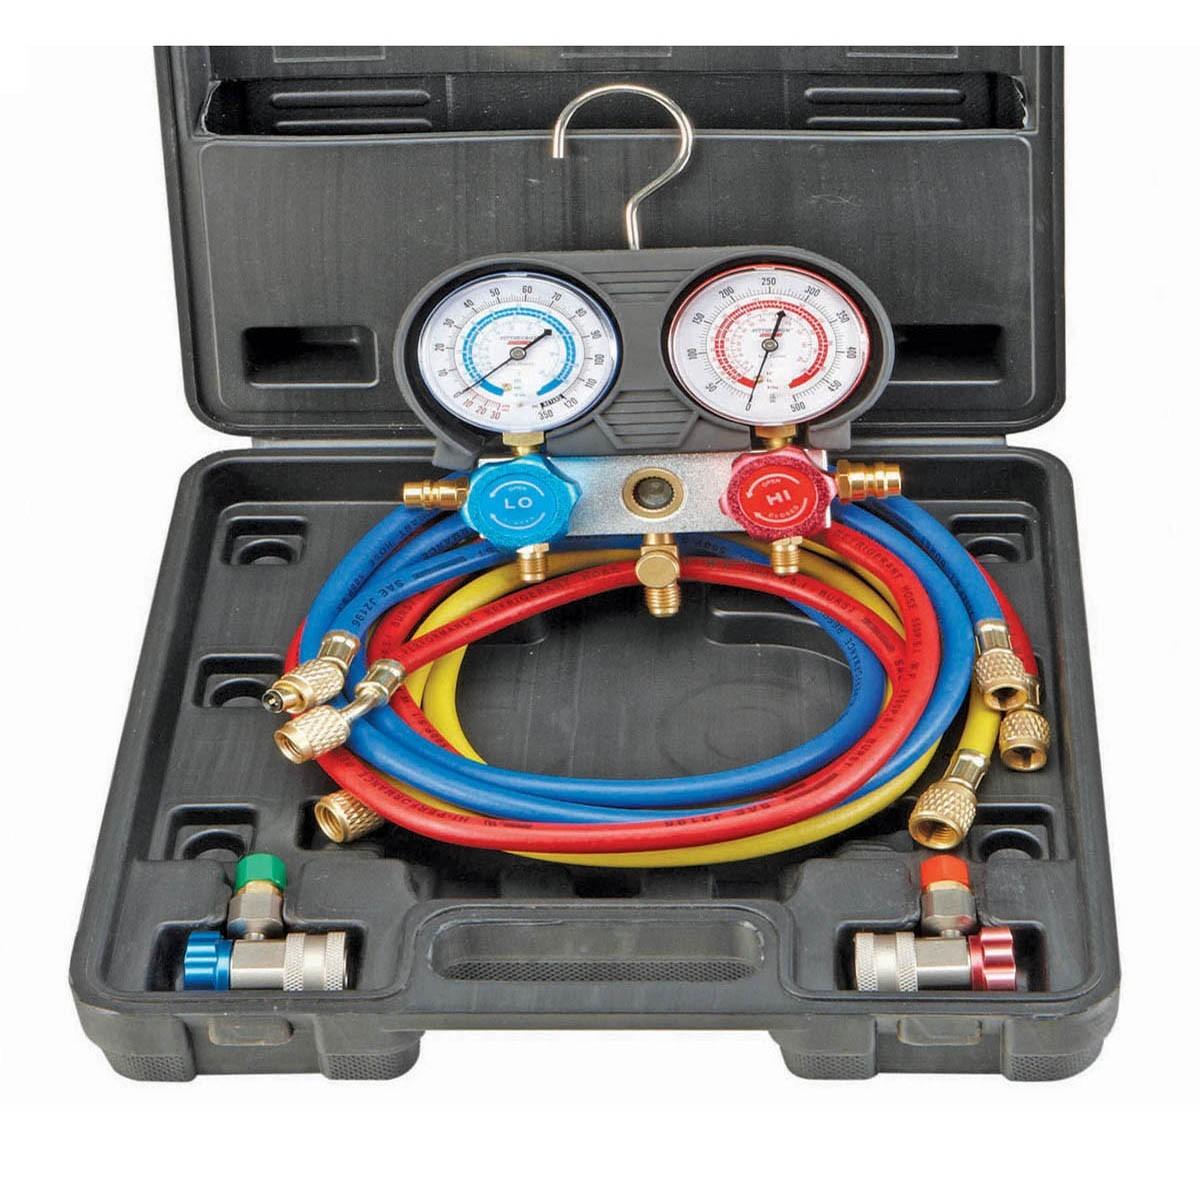 TRHS-C1051A - Комплект манометри за климатични системи